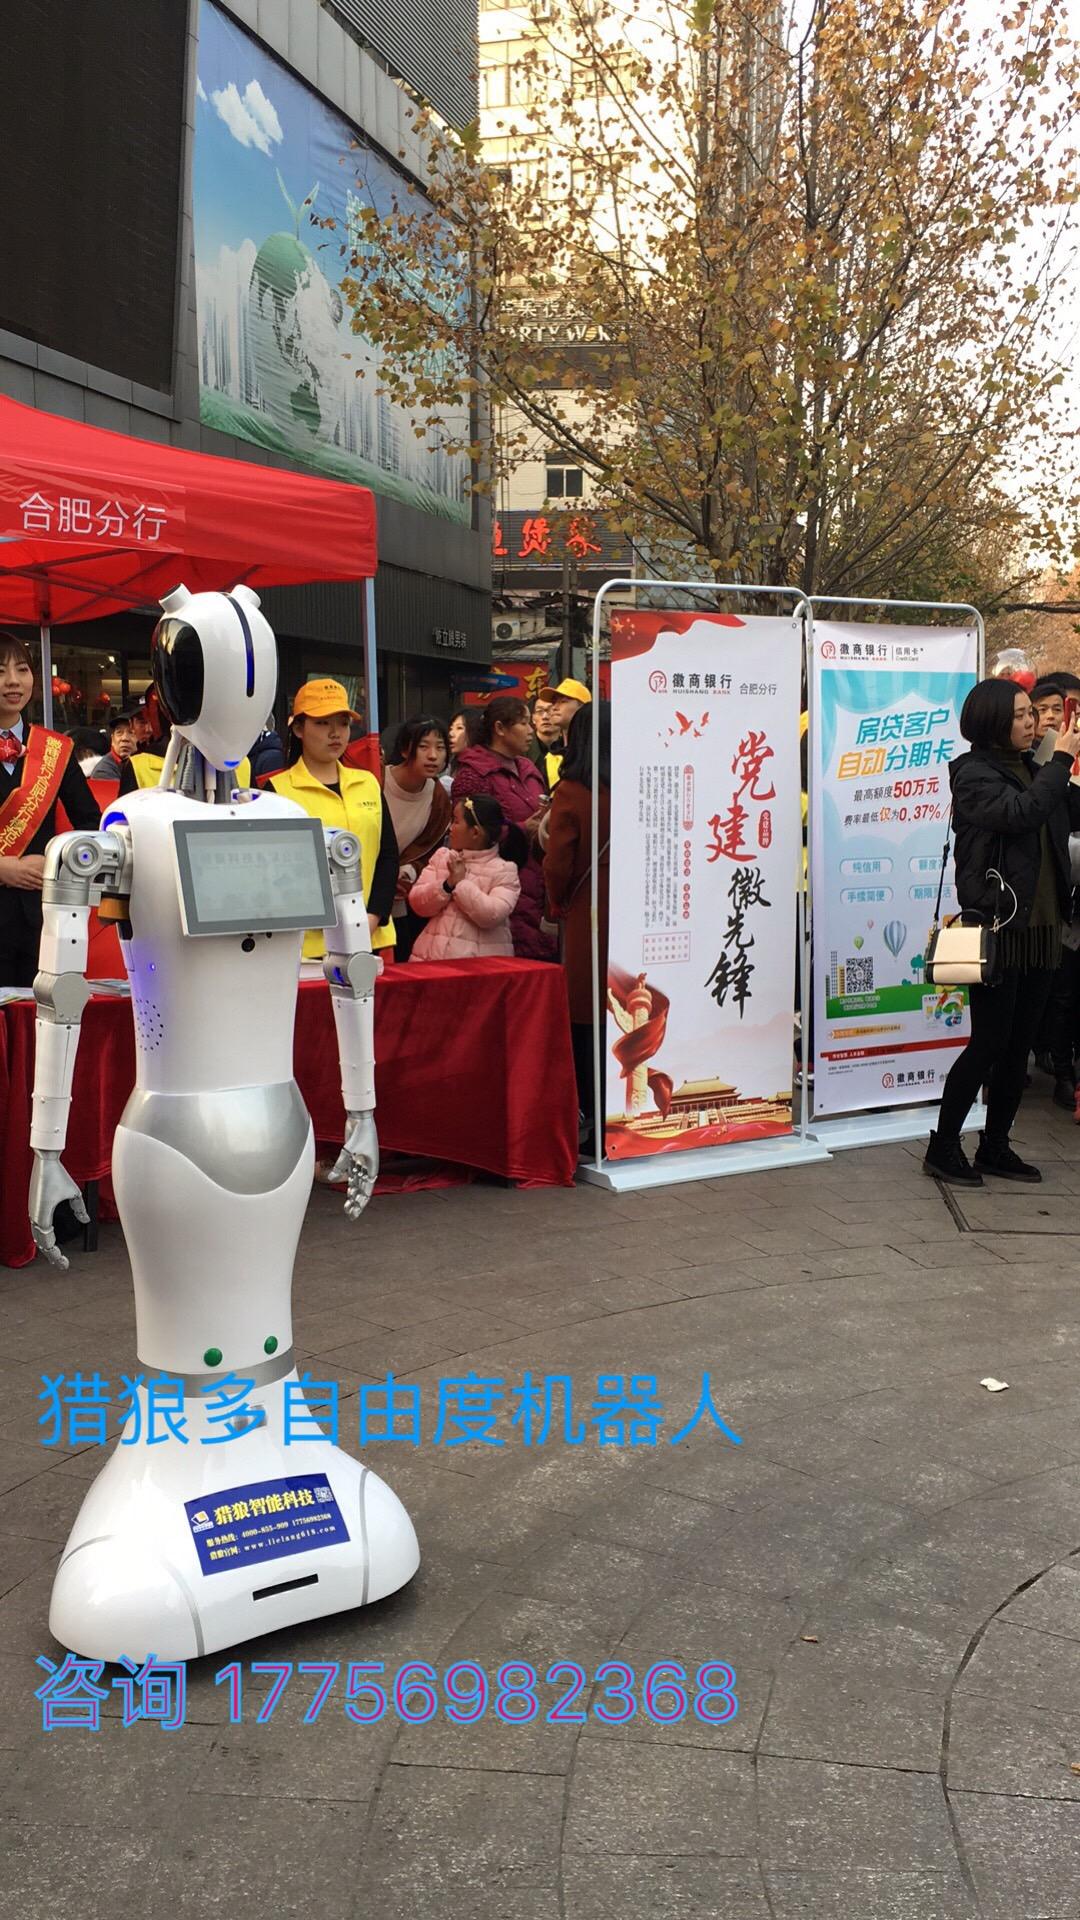 多功能迎宾机器人,多自由度展馆机器人,展馆类机器人